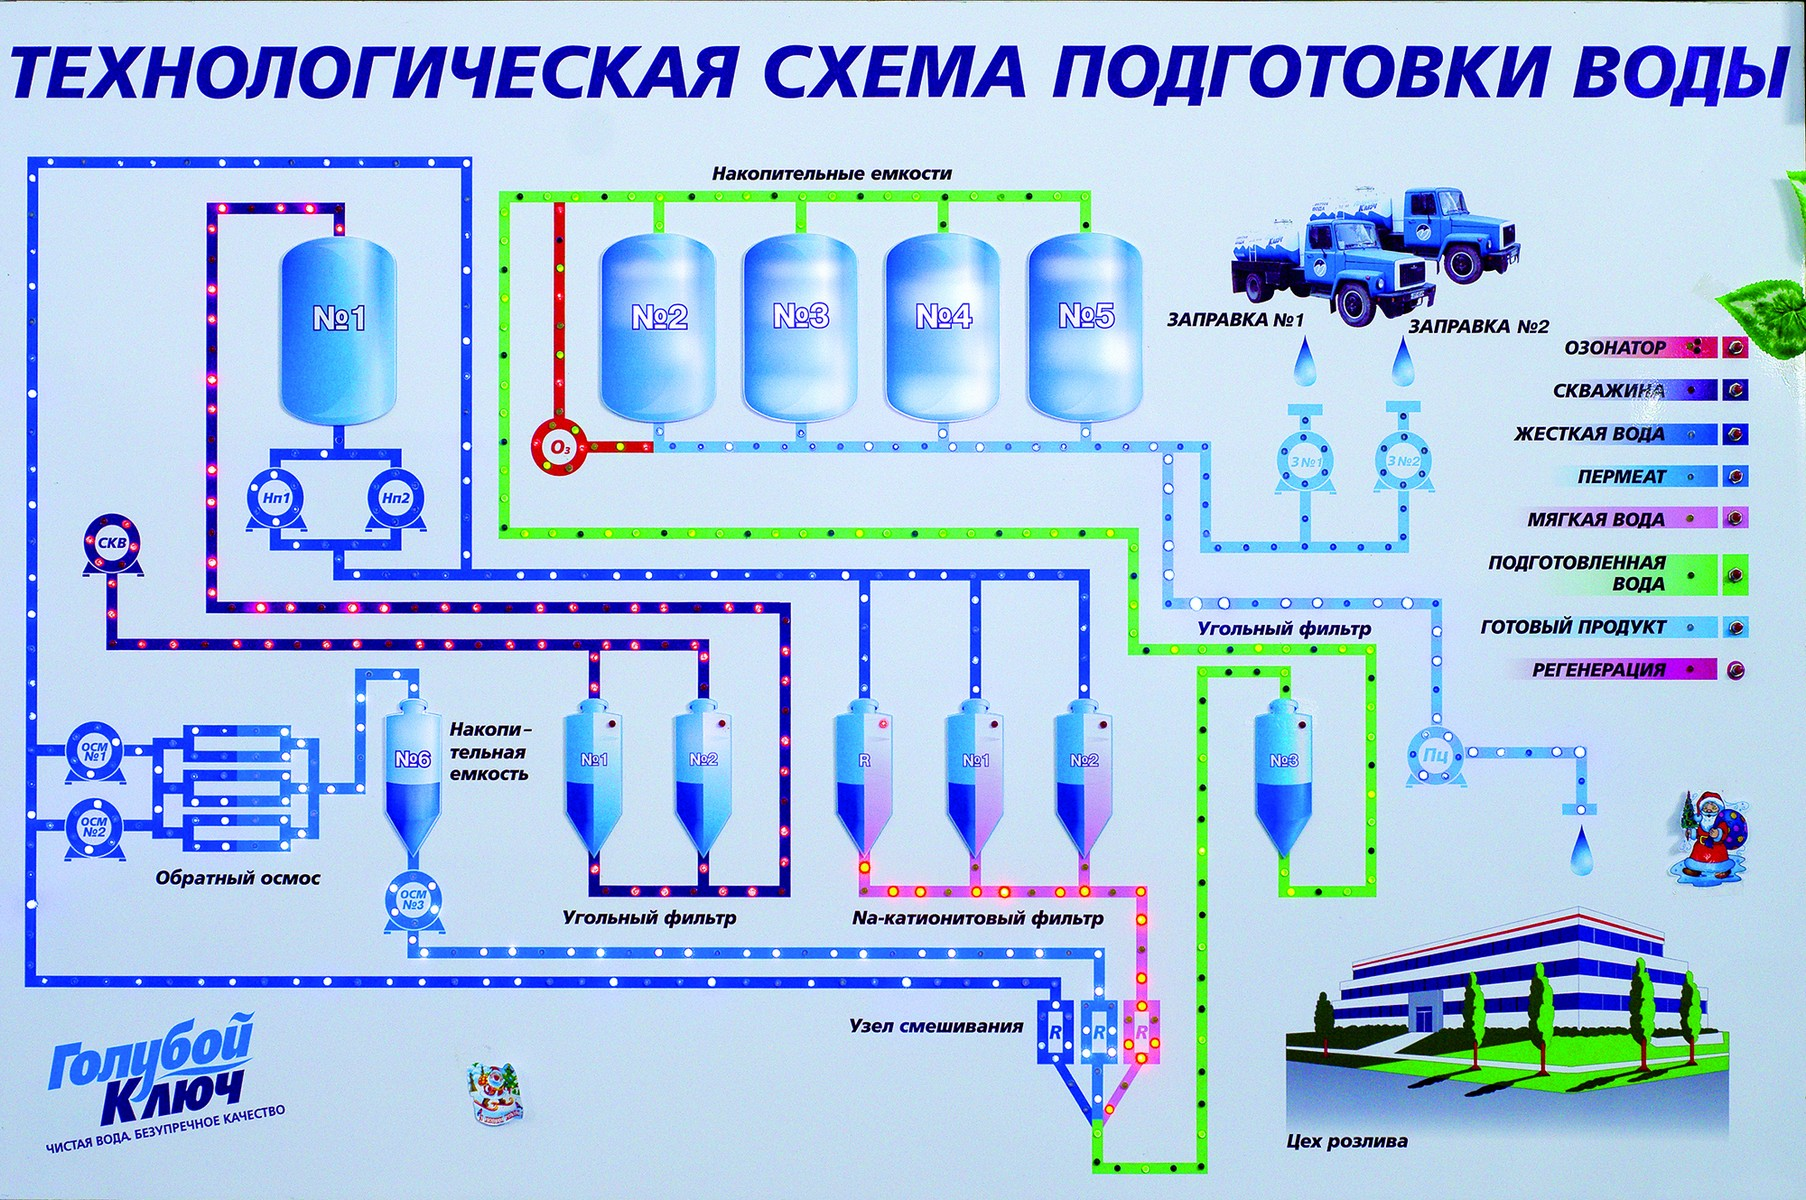 Оборудование применяемое для технологической схемы очистки